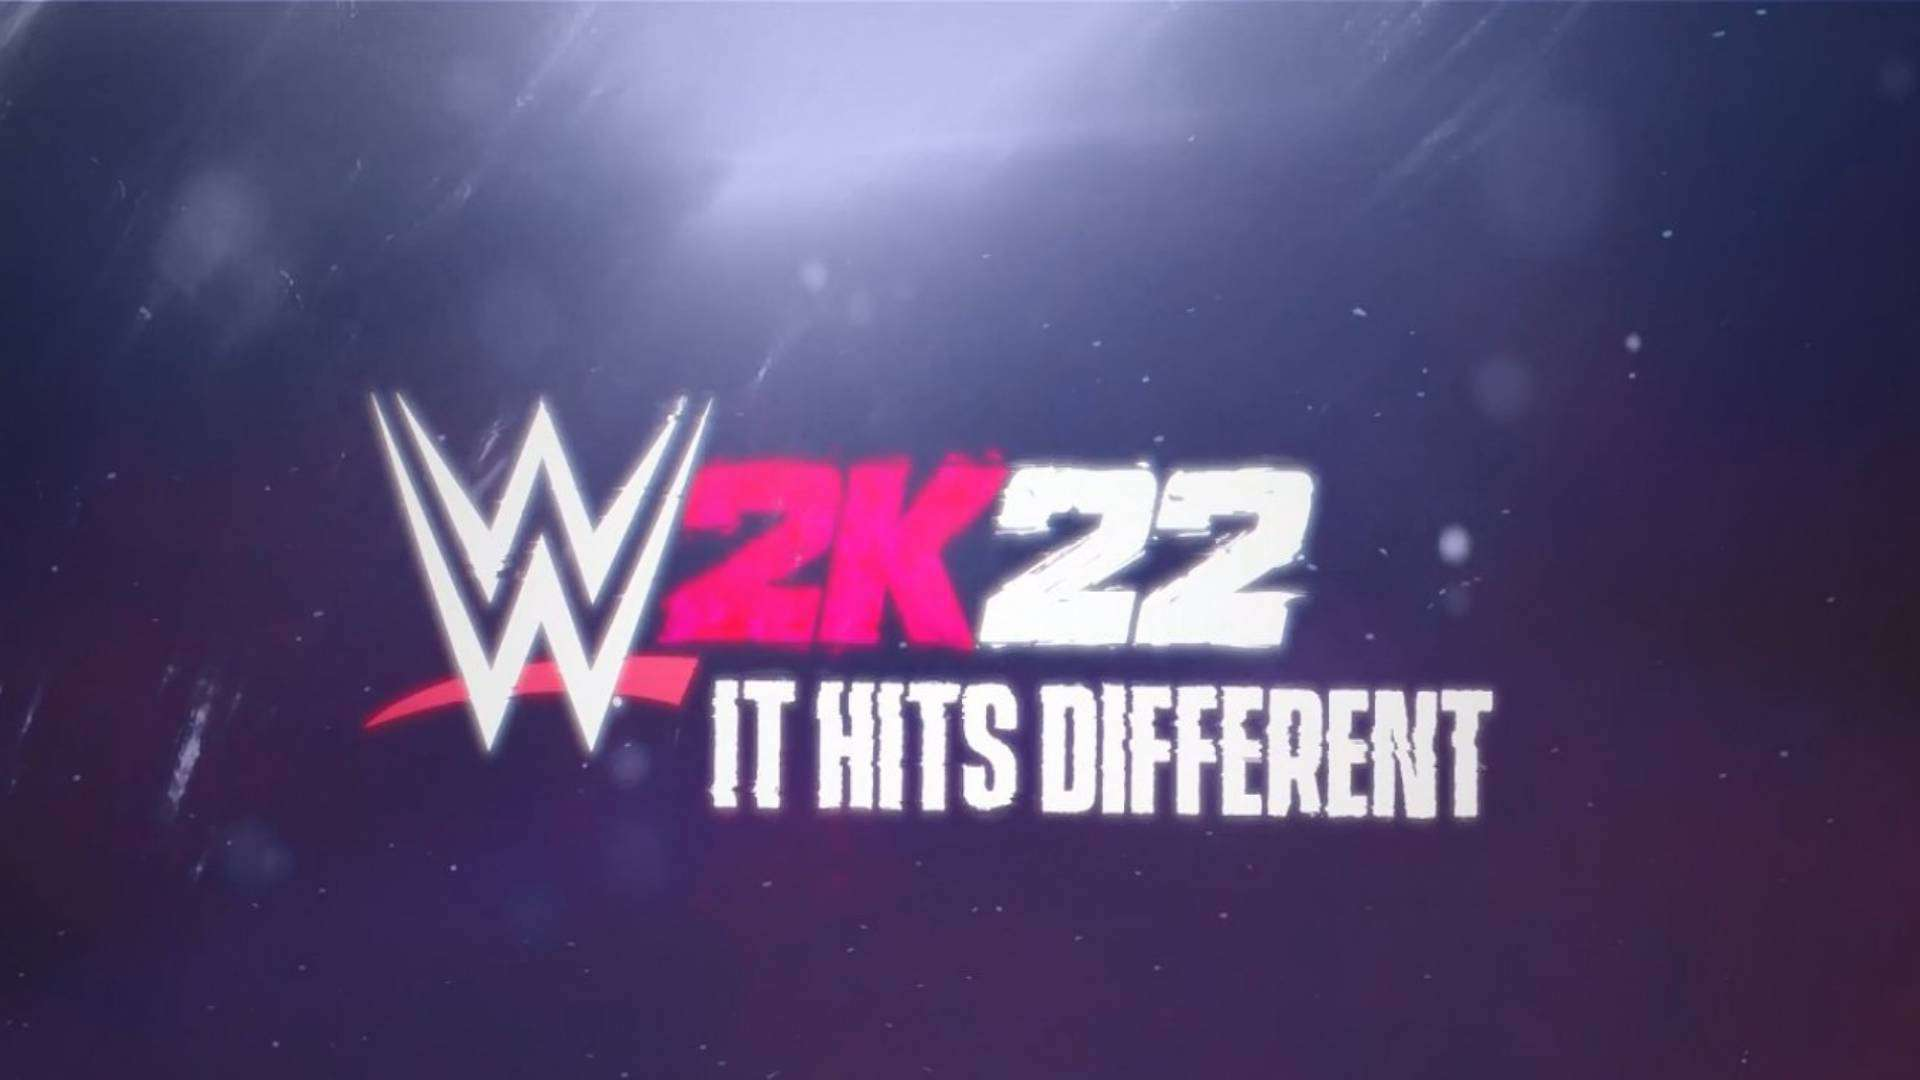 تم الإعلان عن WWE 2K22 ولدينا بالفعل الصور الأولى! 1